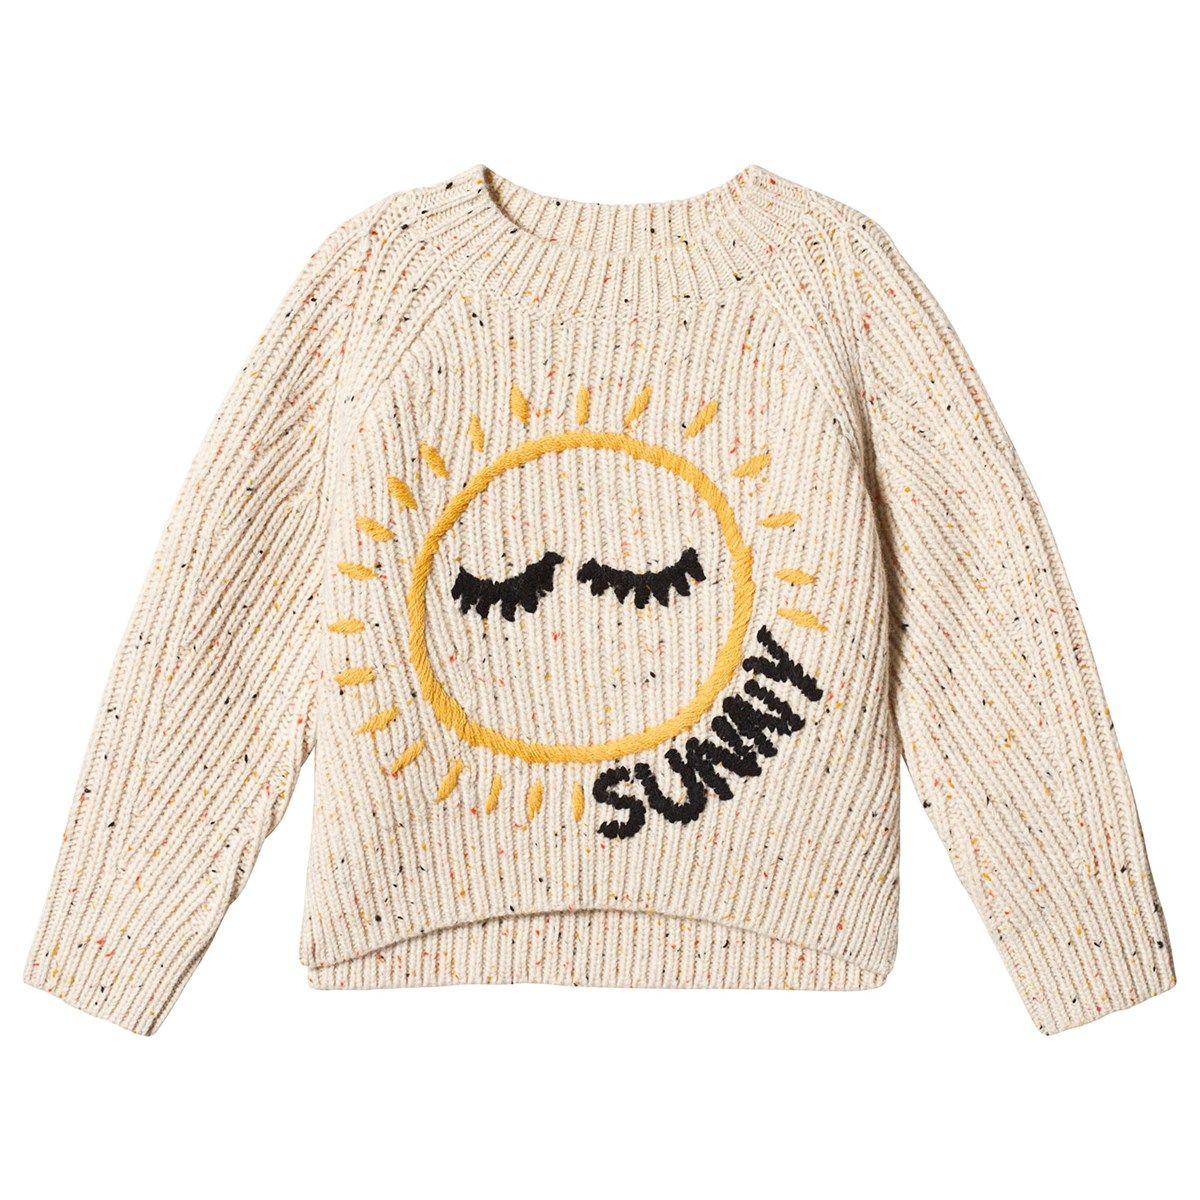 Burberry Beige Bella Sun Knitted Jumper | AlexandAlexa